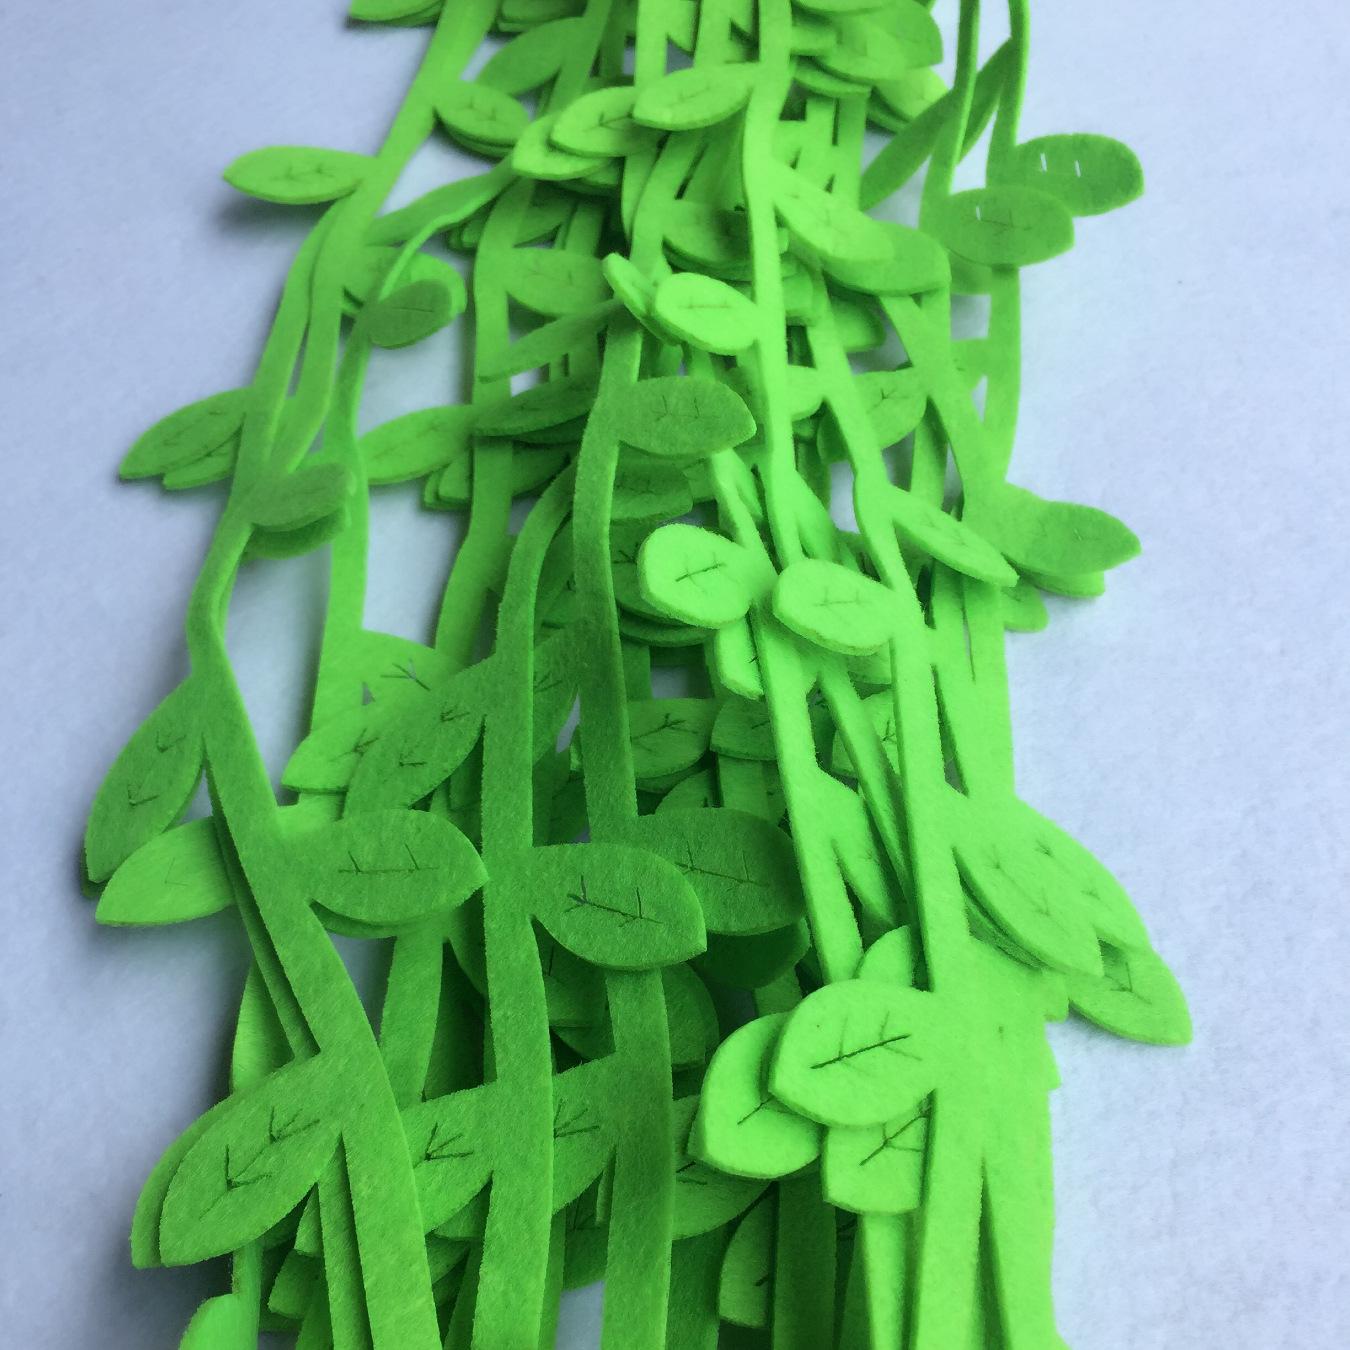 新款幼儿园装饰吊饰 空中吊饰个体橱窗挂饰 无纺布树叶挂饰 1米柳示例图2